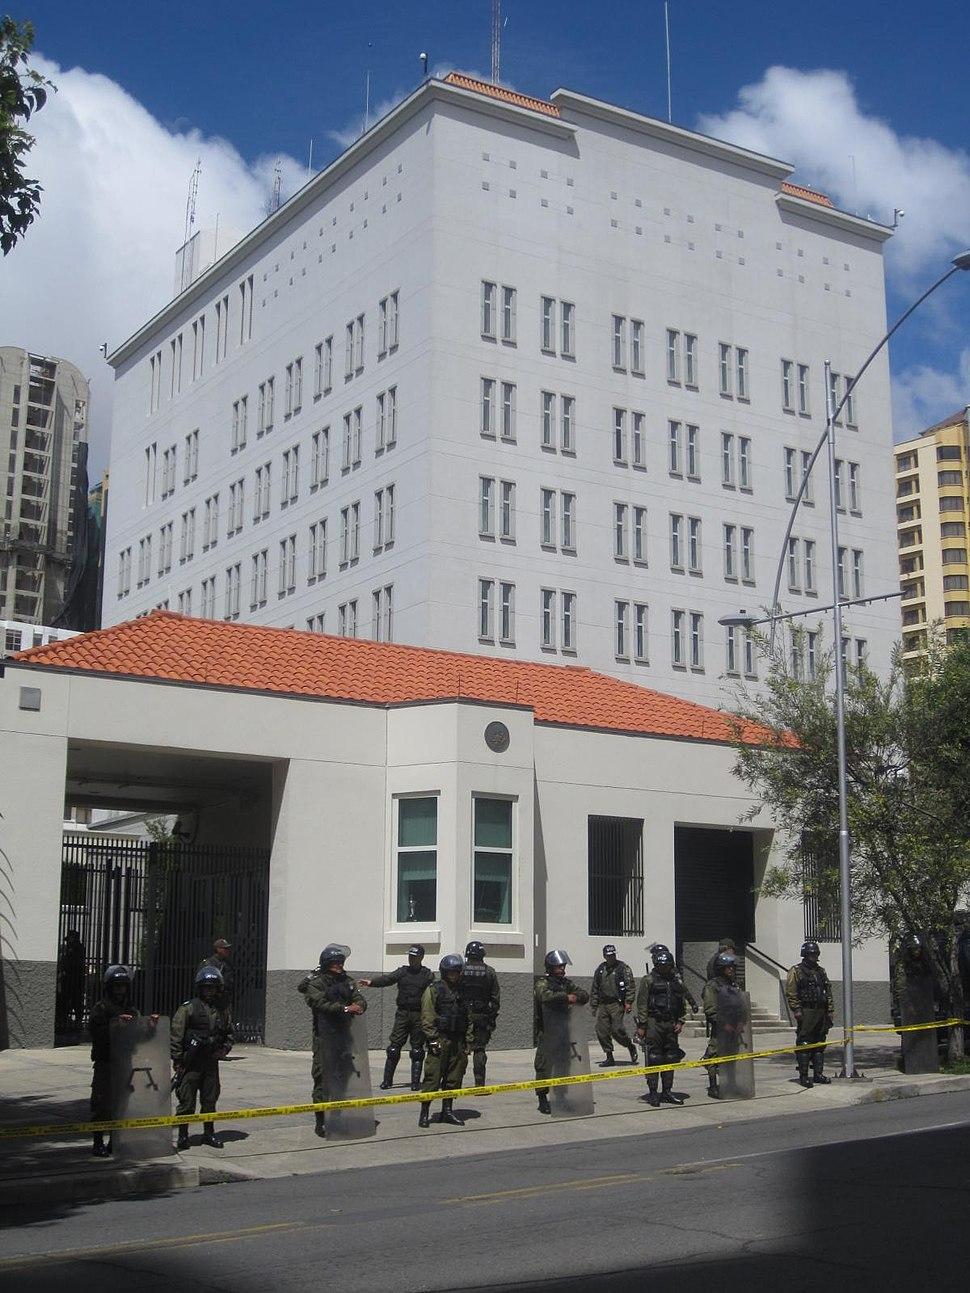 US Embassy in La Paz